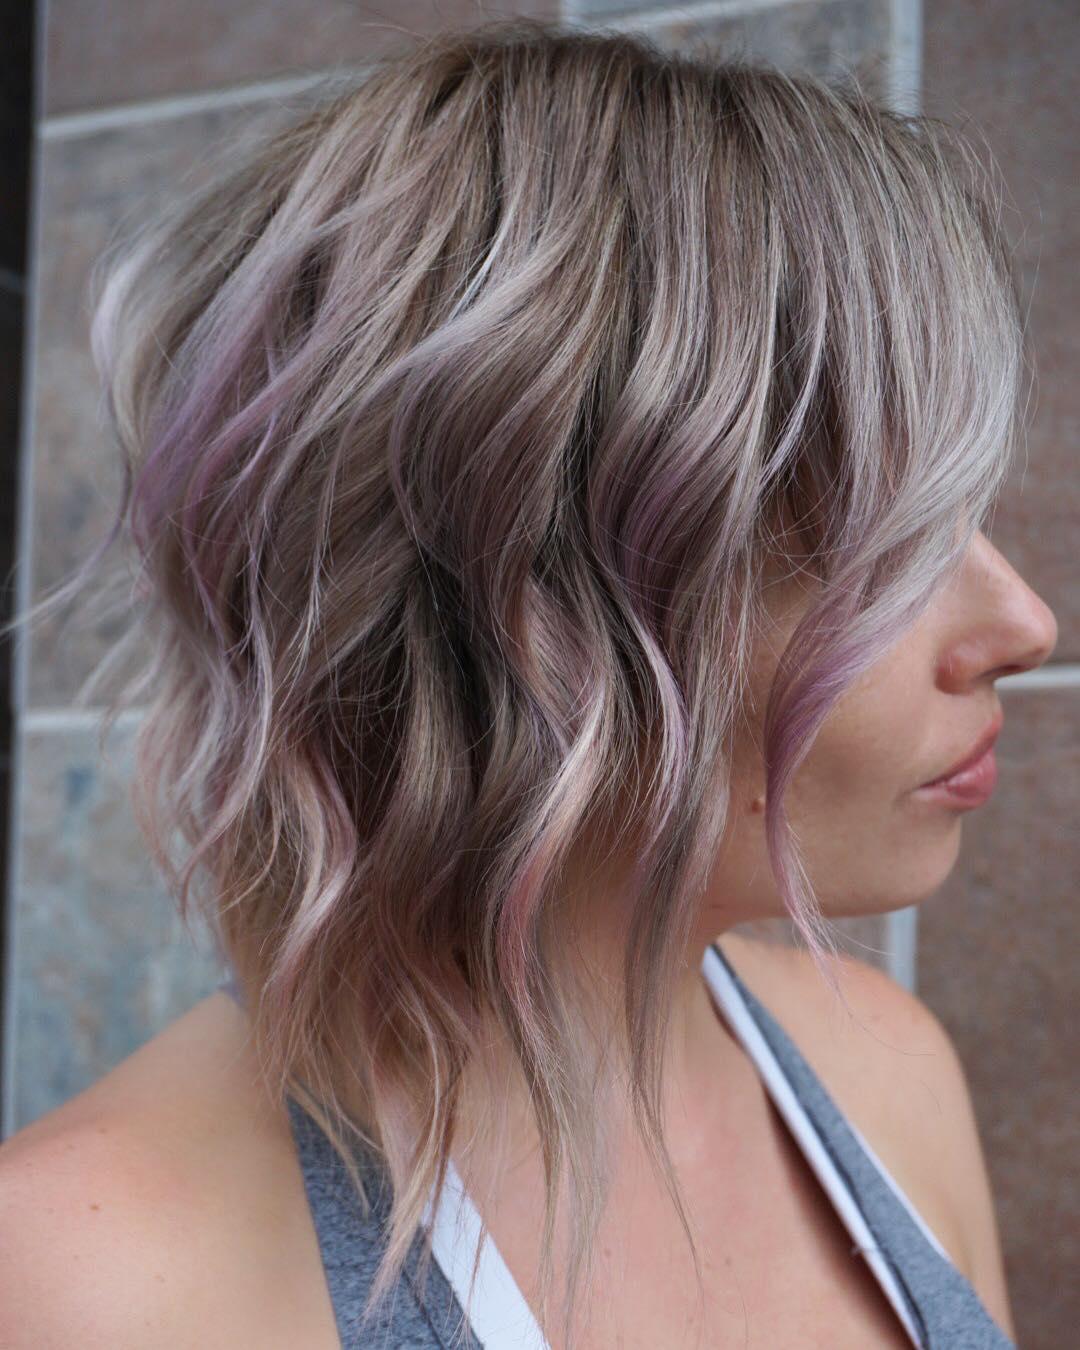 10 Balayage Hair Styles For Medium Length Hair 2019